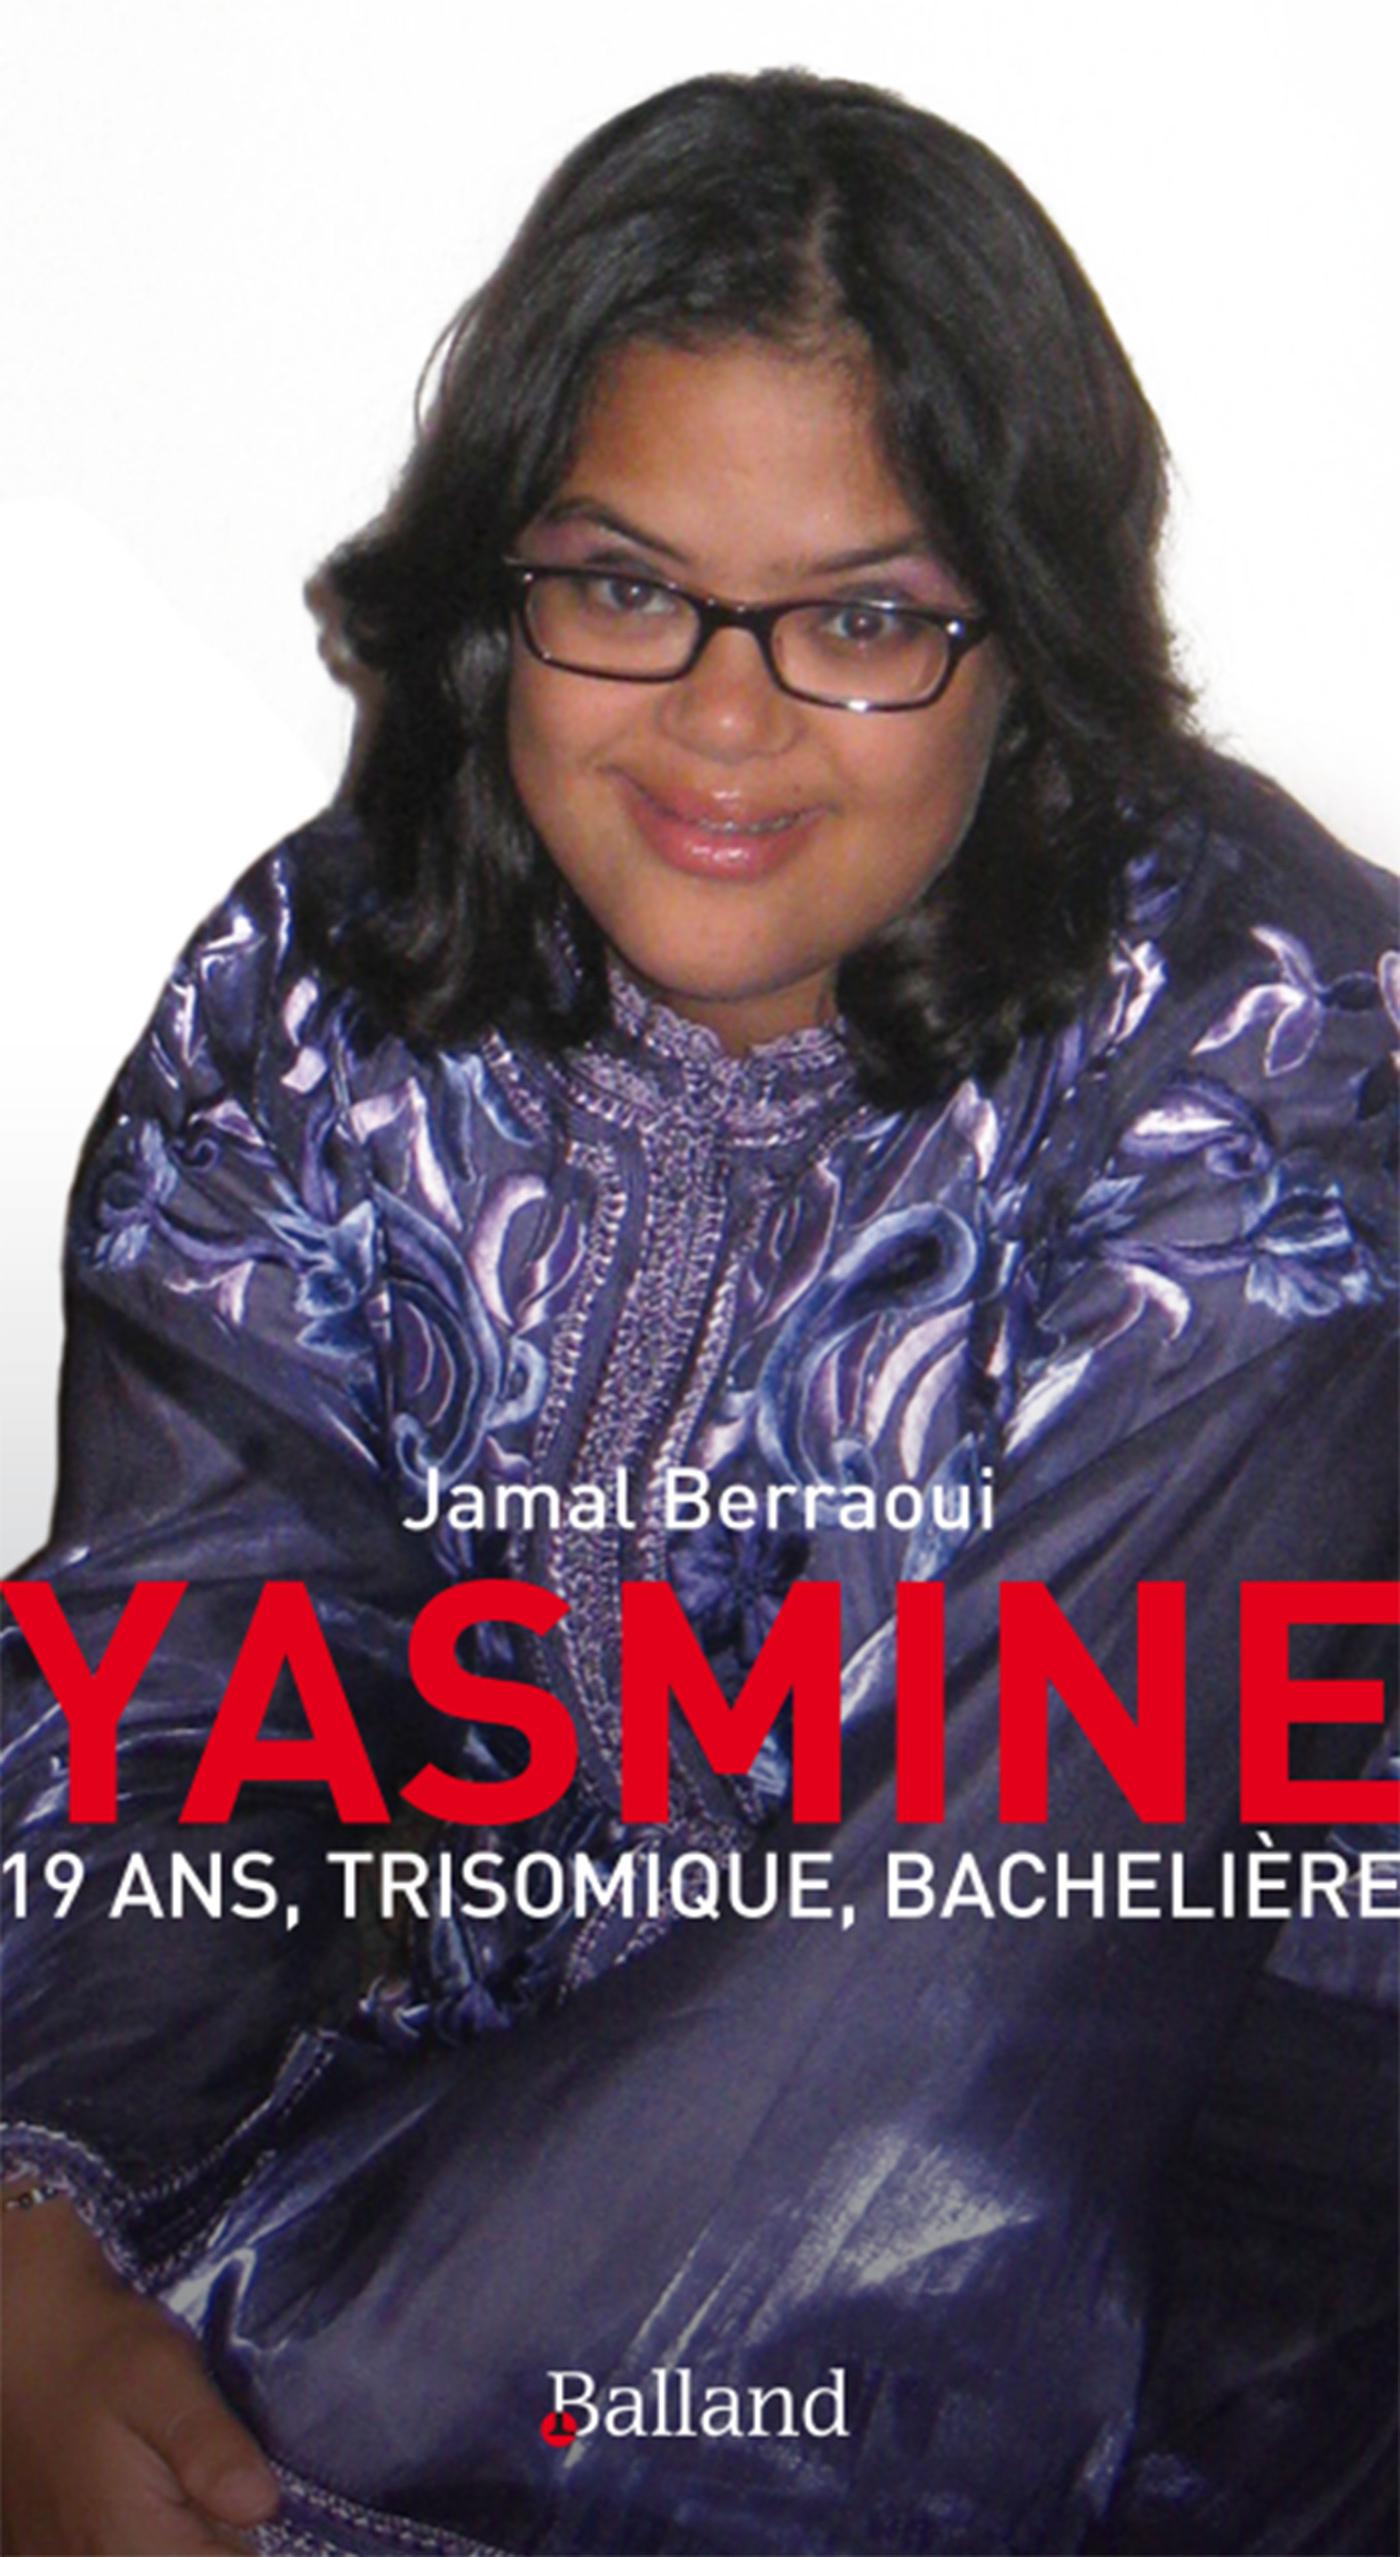 YASMINE 19 ANS, TRISOMIQUE, BACHELIERE